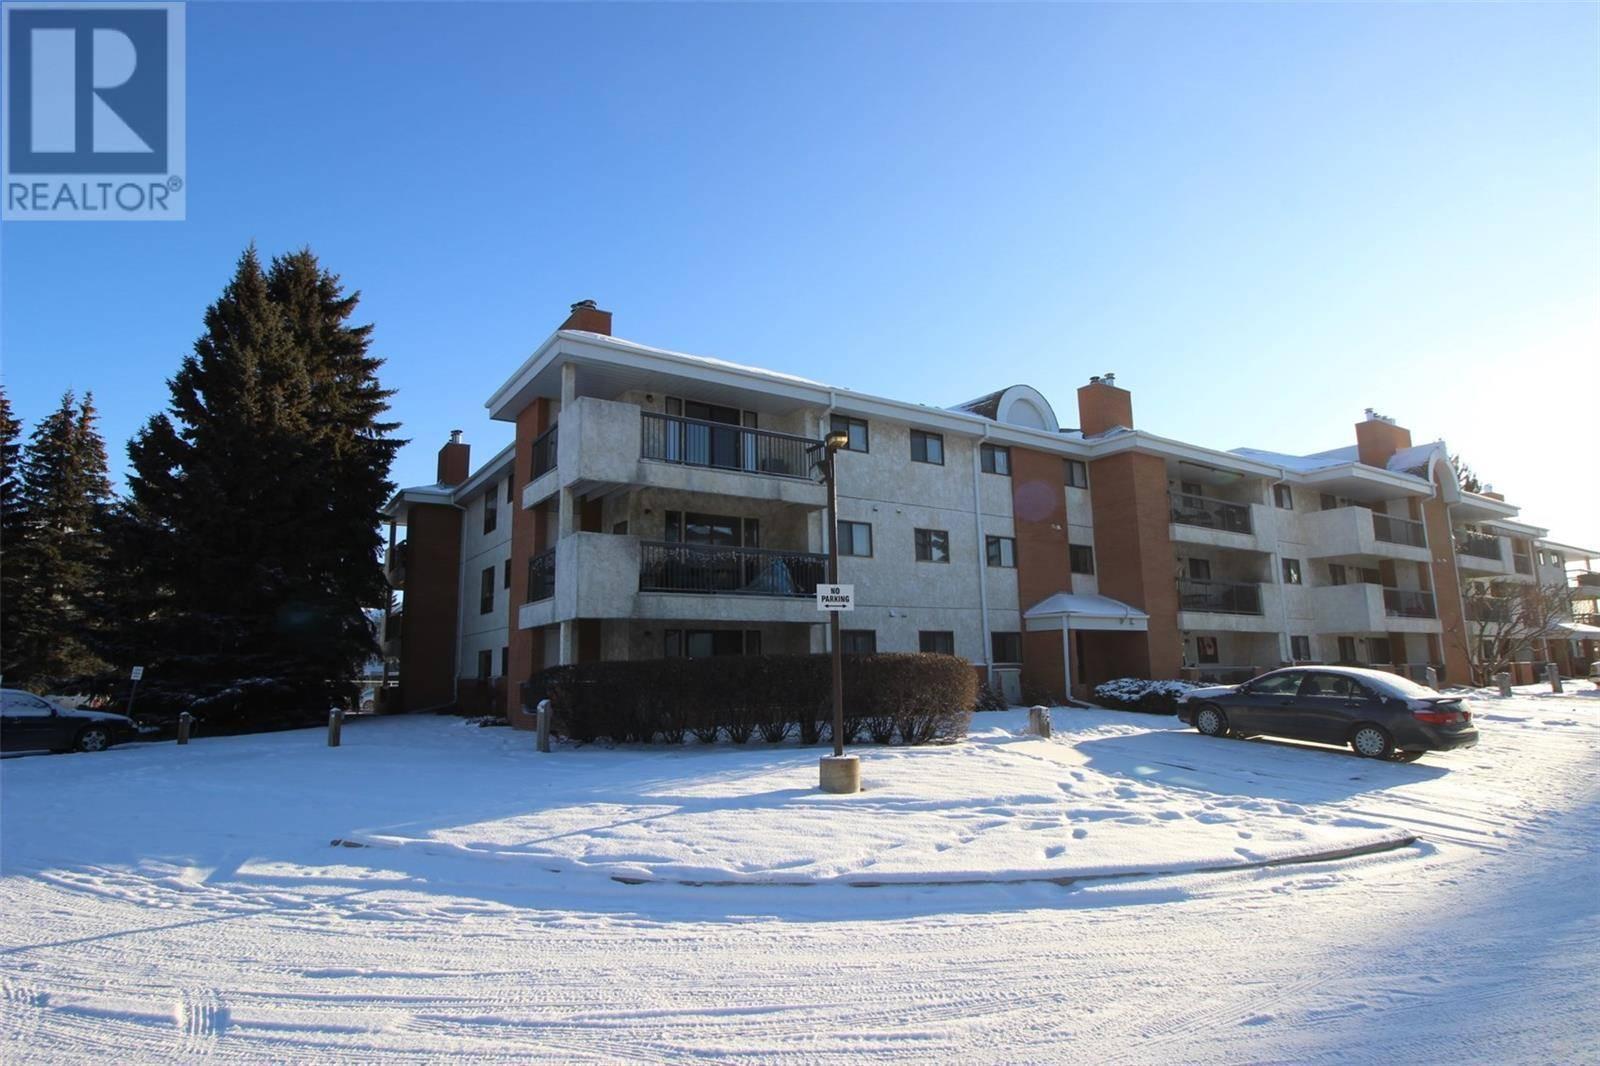 324 - 217 Cree Place, Saskatoon | Image 1